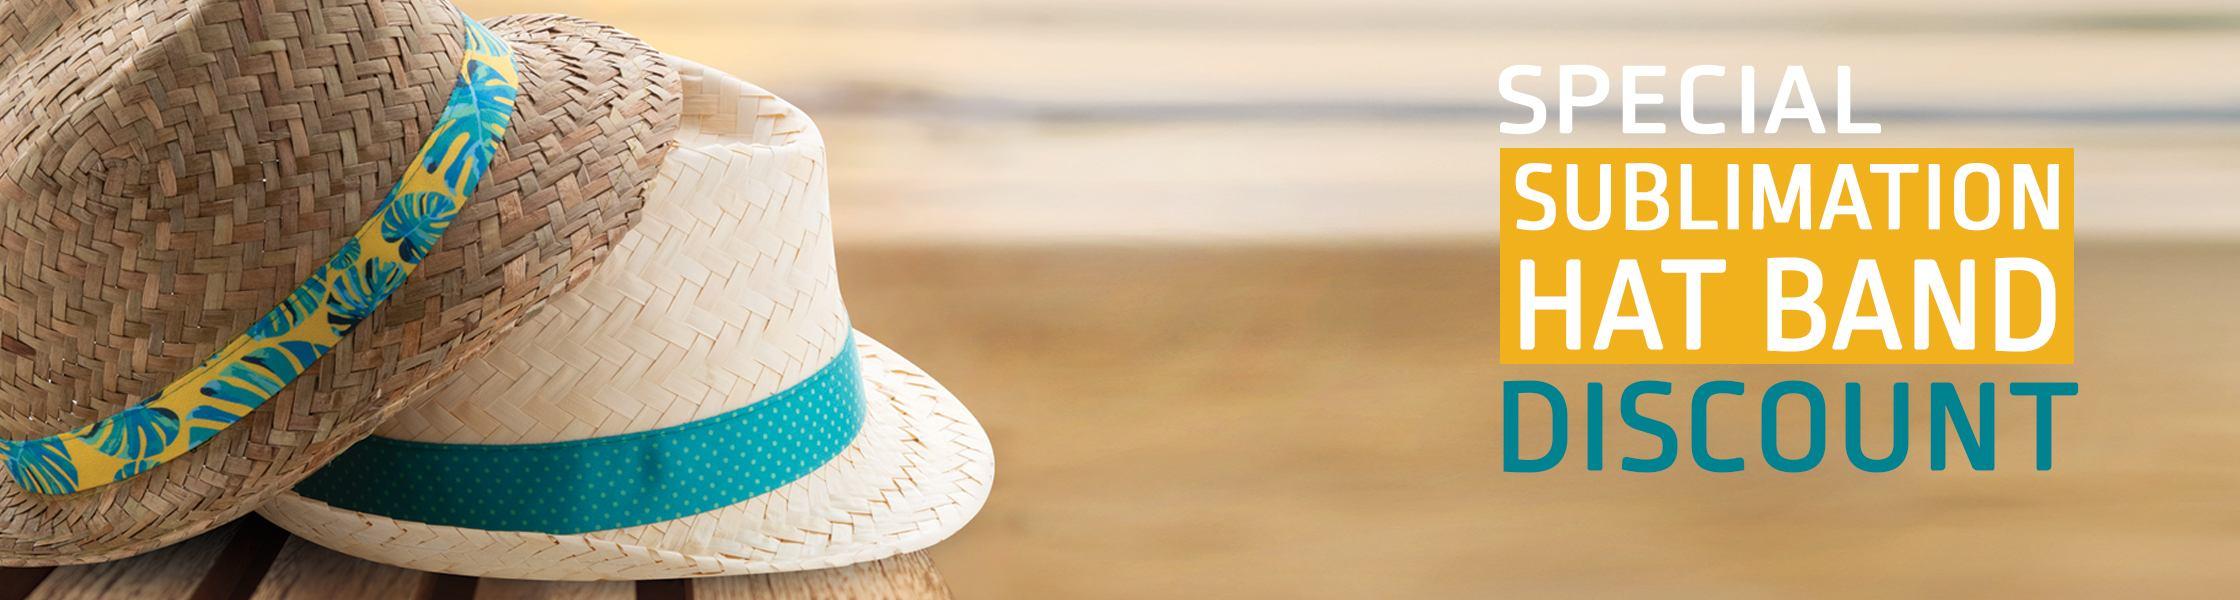 Genieße die Sonne, aber denke an den Sonnenschutz! - Coupon-Code: SUBRERO20